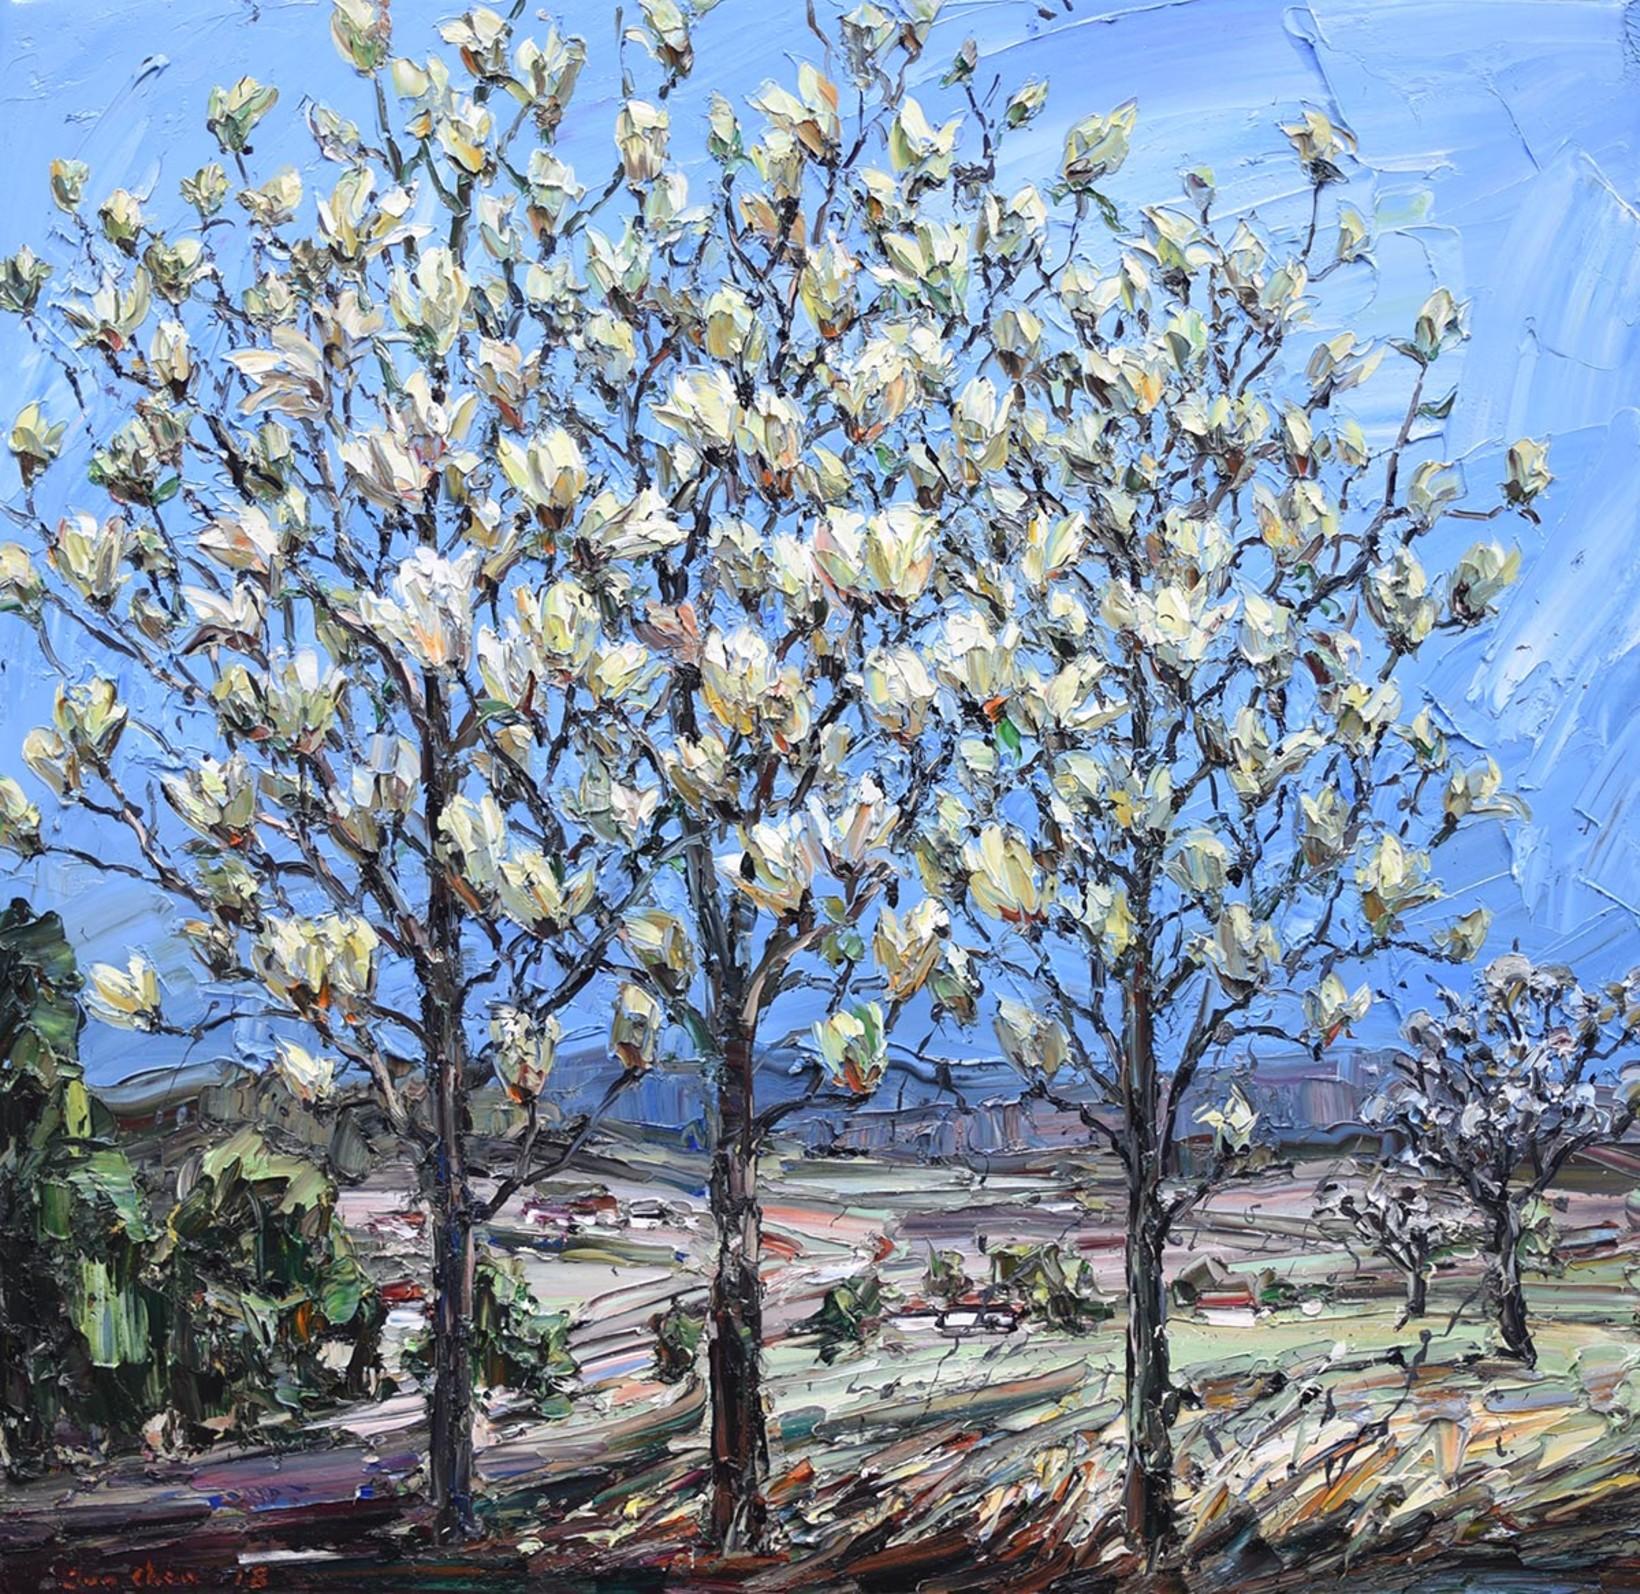 Three Yellow Magnolia Trees Jun Chen Nandahobbs Contemporary